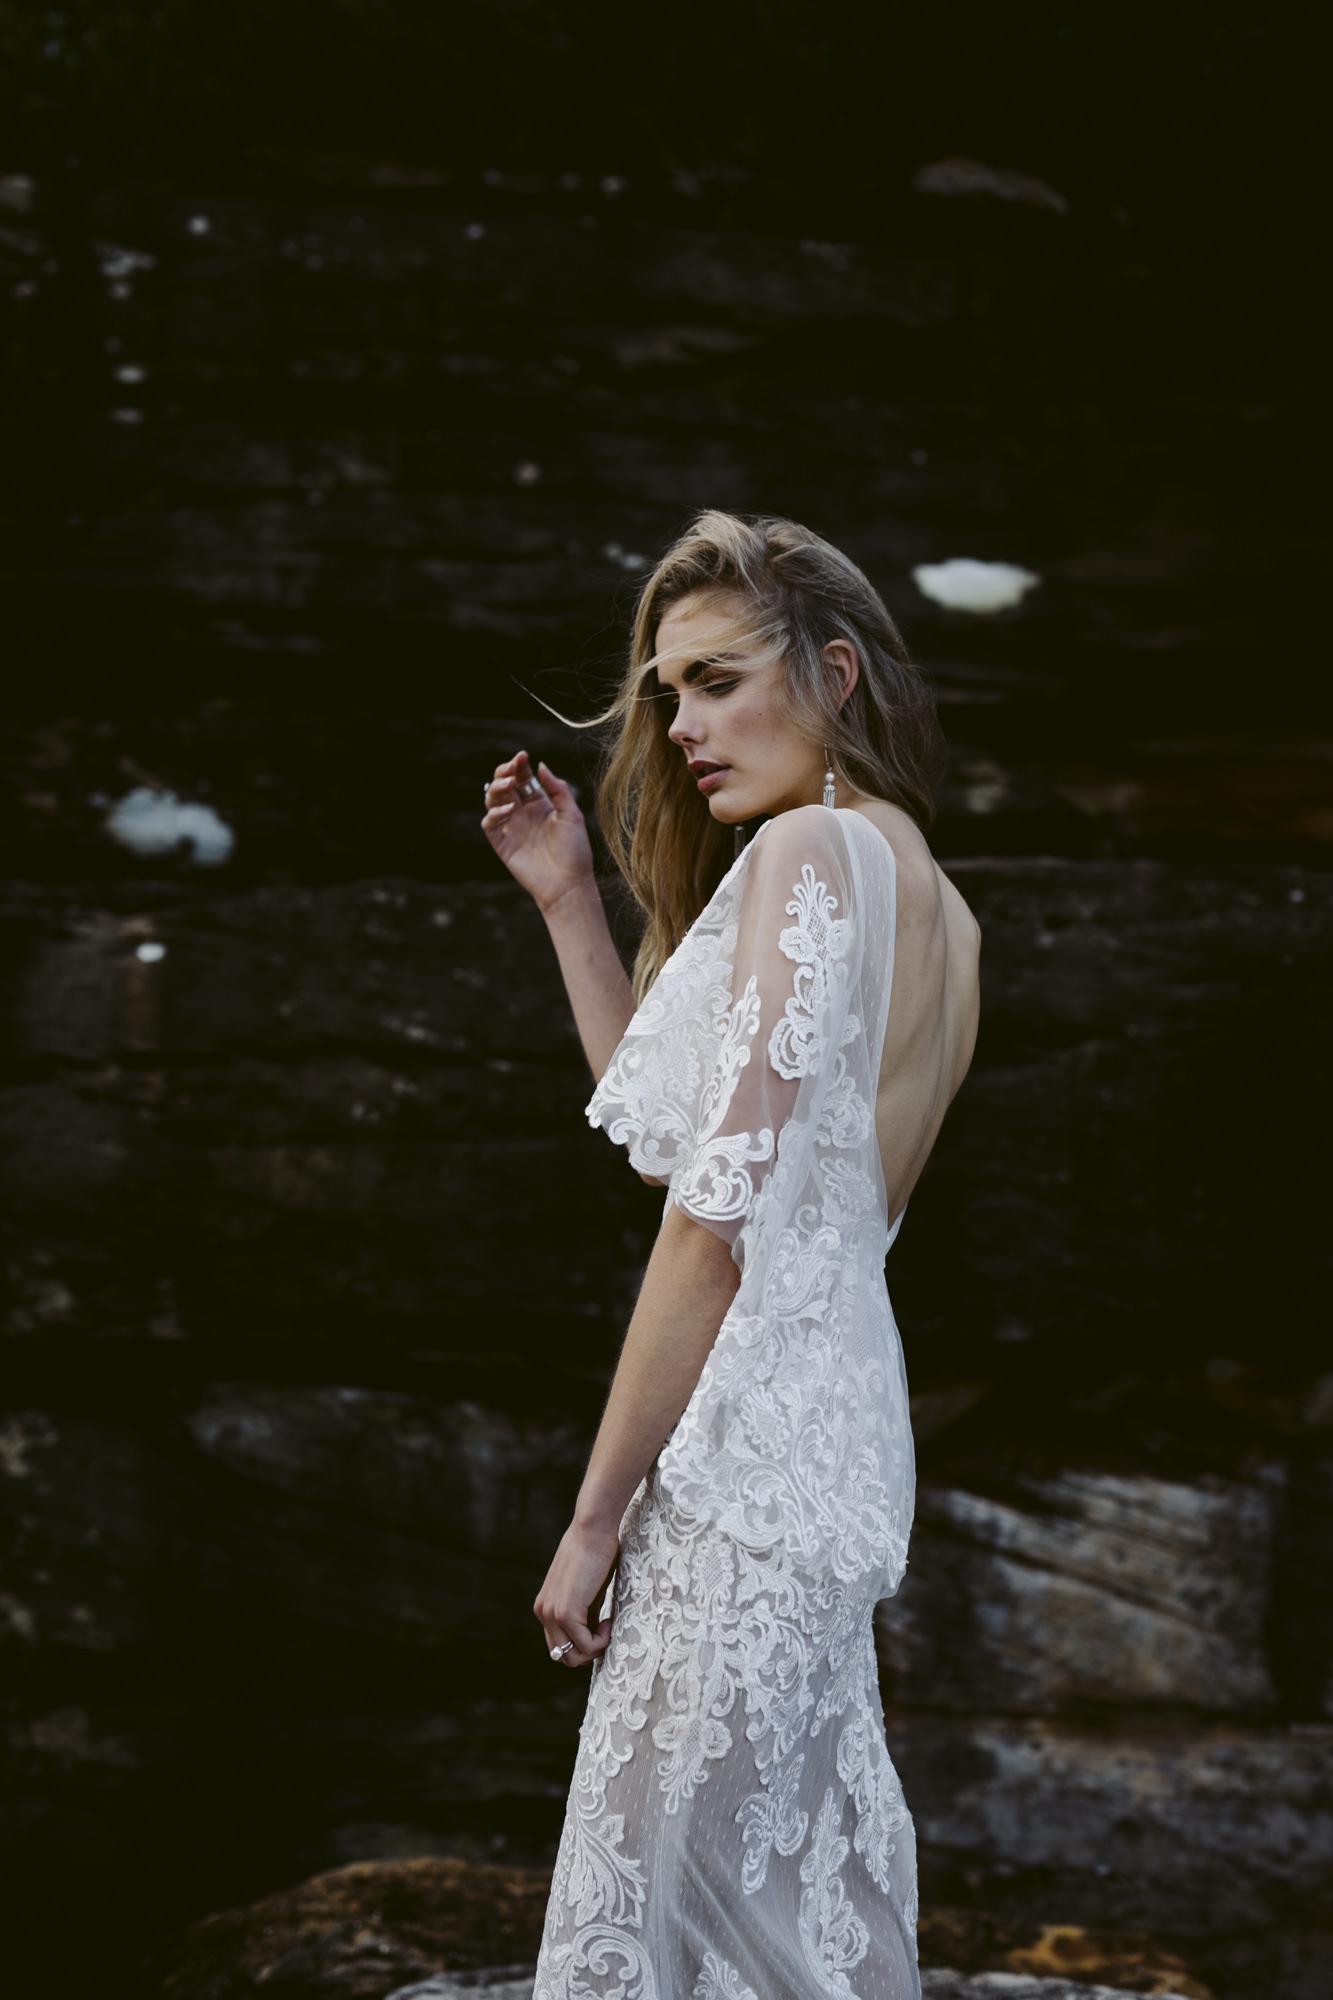 Anna Turner Sydney Wedding Photographer-17.jpg